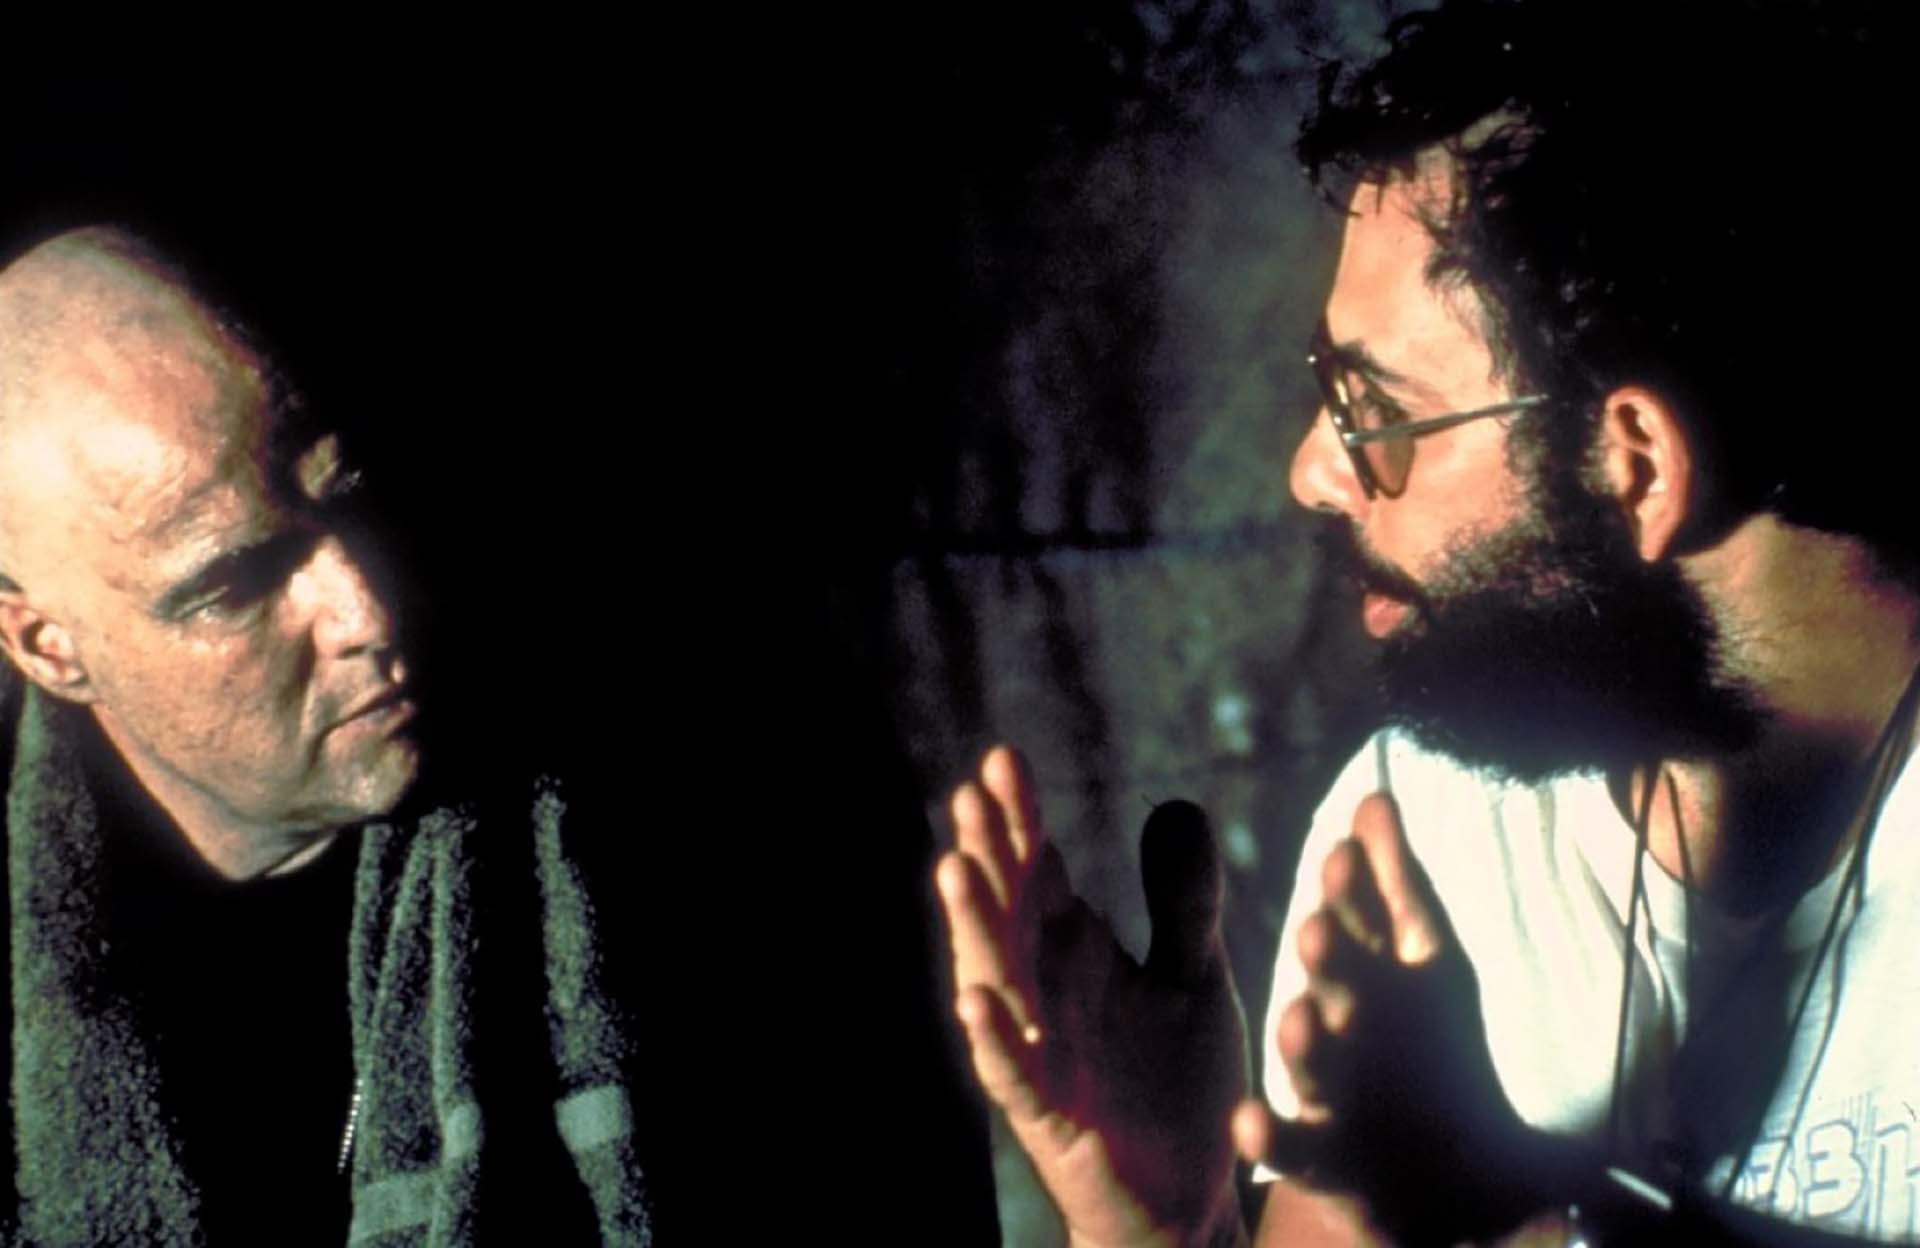 """Marlon Brando junto a Francis Ford Coppola en """"Apocalypse Now"""" (1979). La película contó en su reparto con grandes estrellas como Martin Sheen, Robert Duvall, Dennis Hopper y Harrison Ford"""